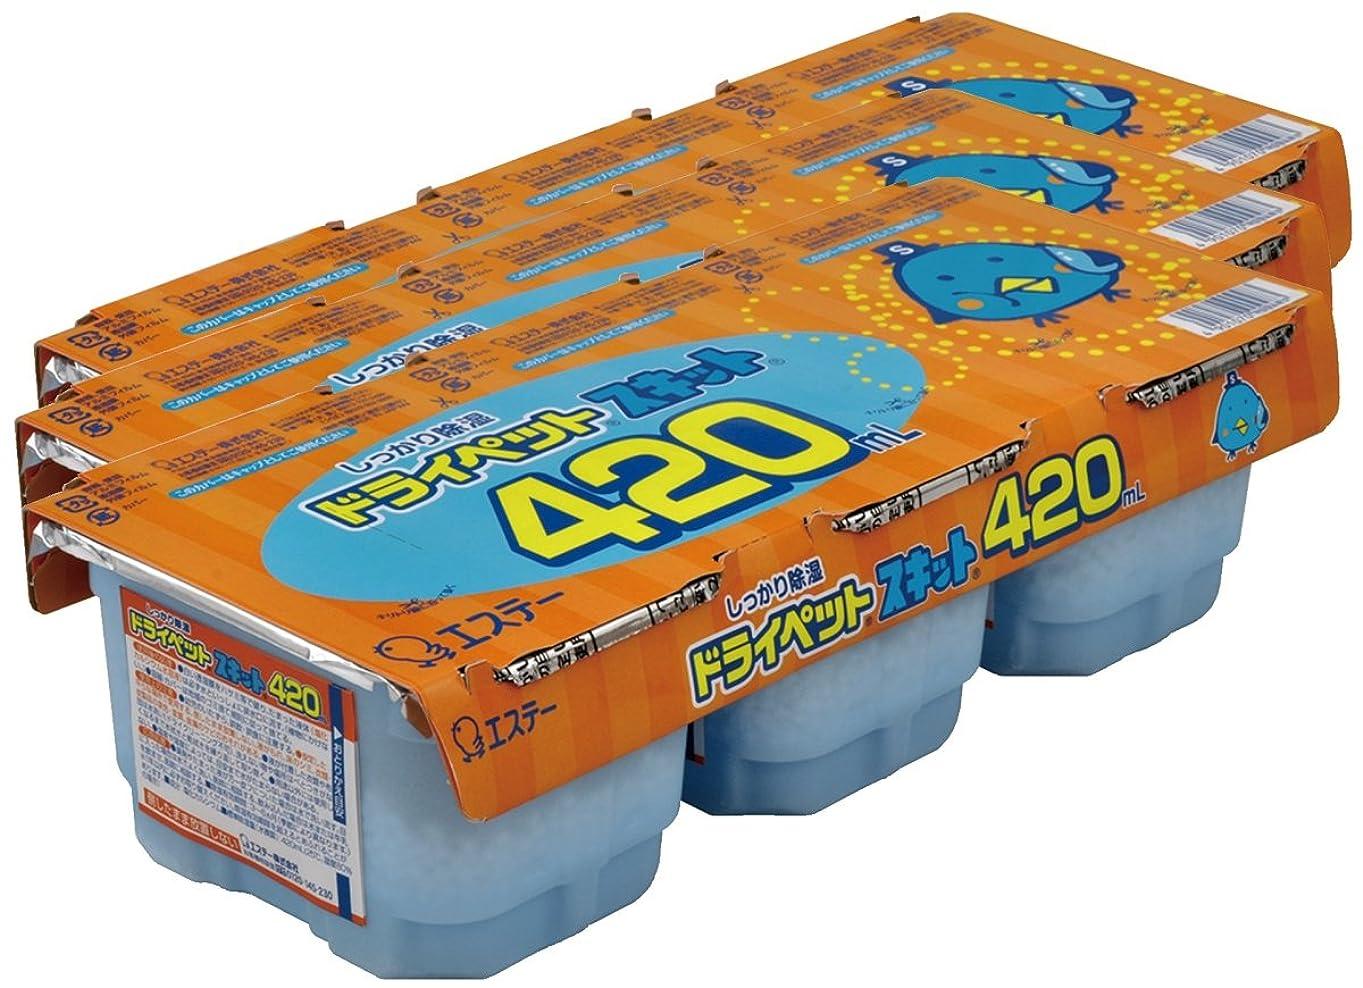 結核スクレーパー可愛い【まとめ買い】 ドライペットスキット 除湿剤 使い捨てタイプ (420ml×3個パック)×3個